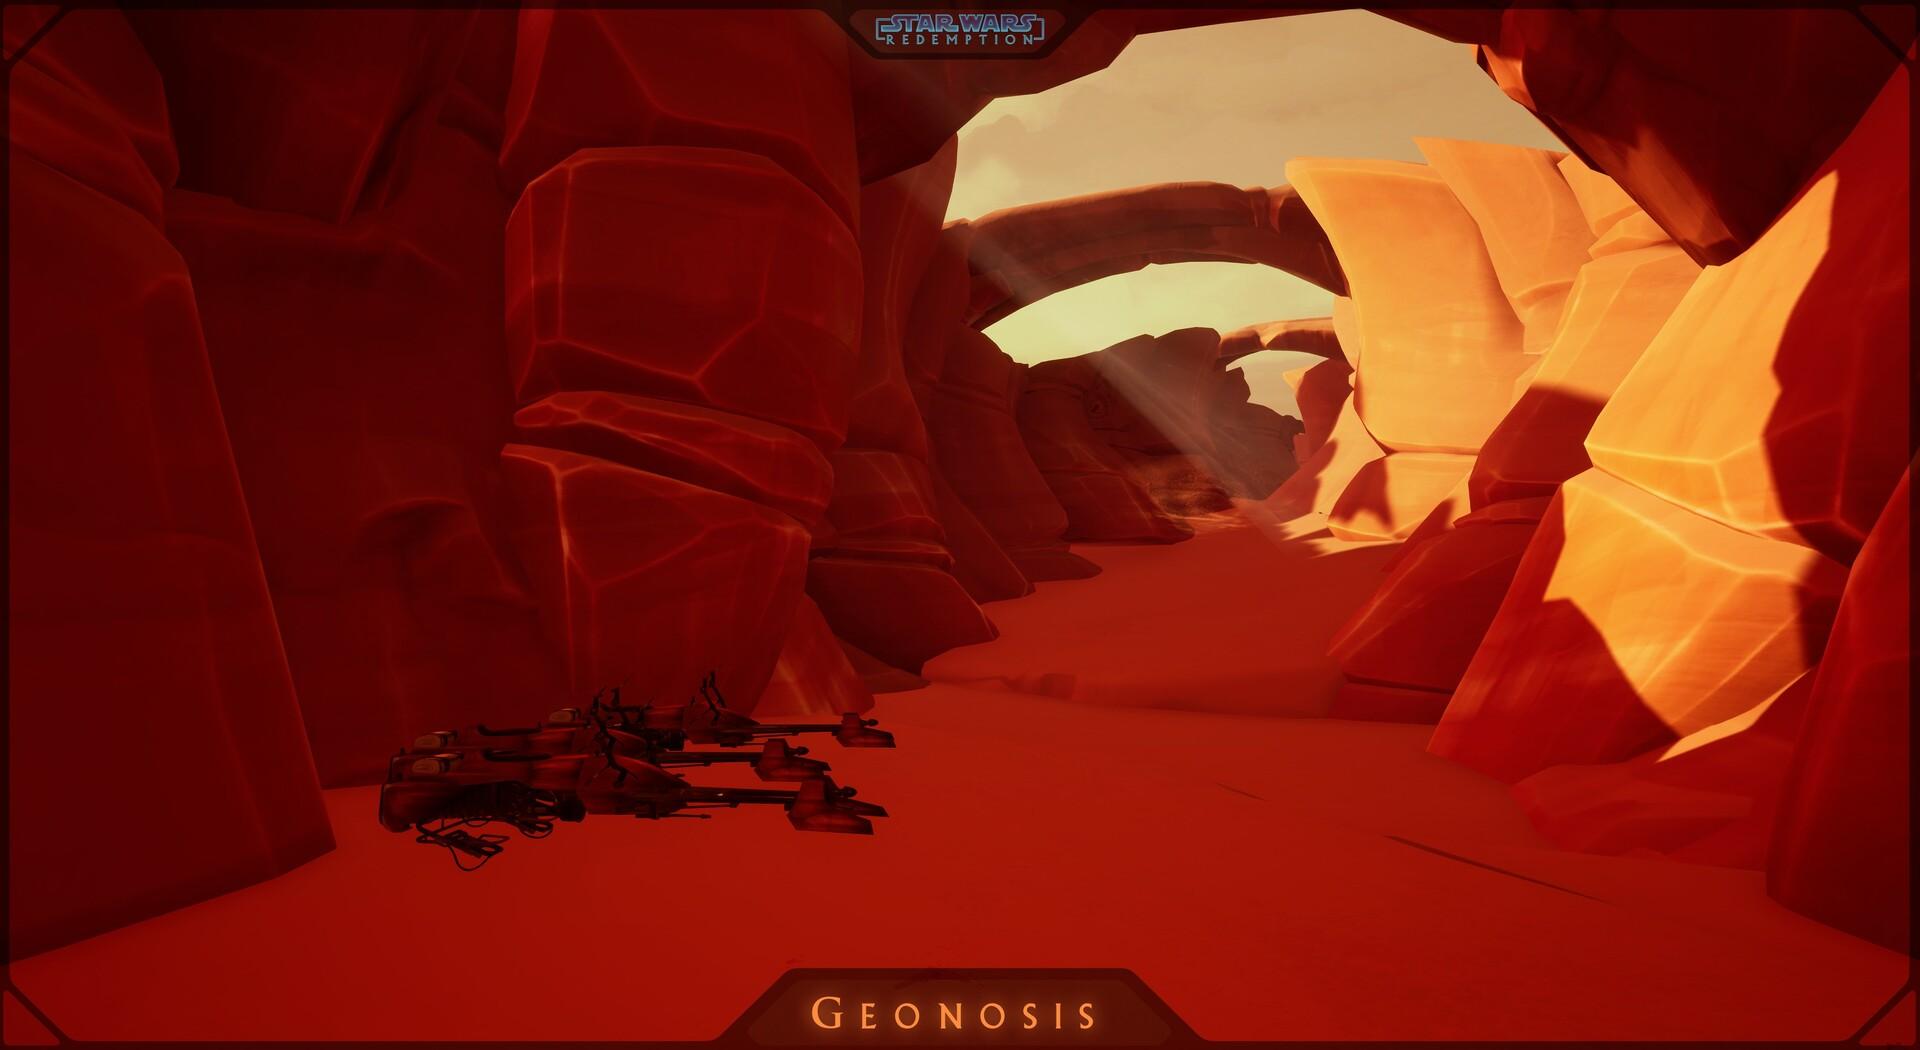 Etienne beschet swr screenshot geonosis 06